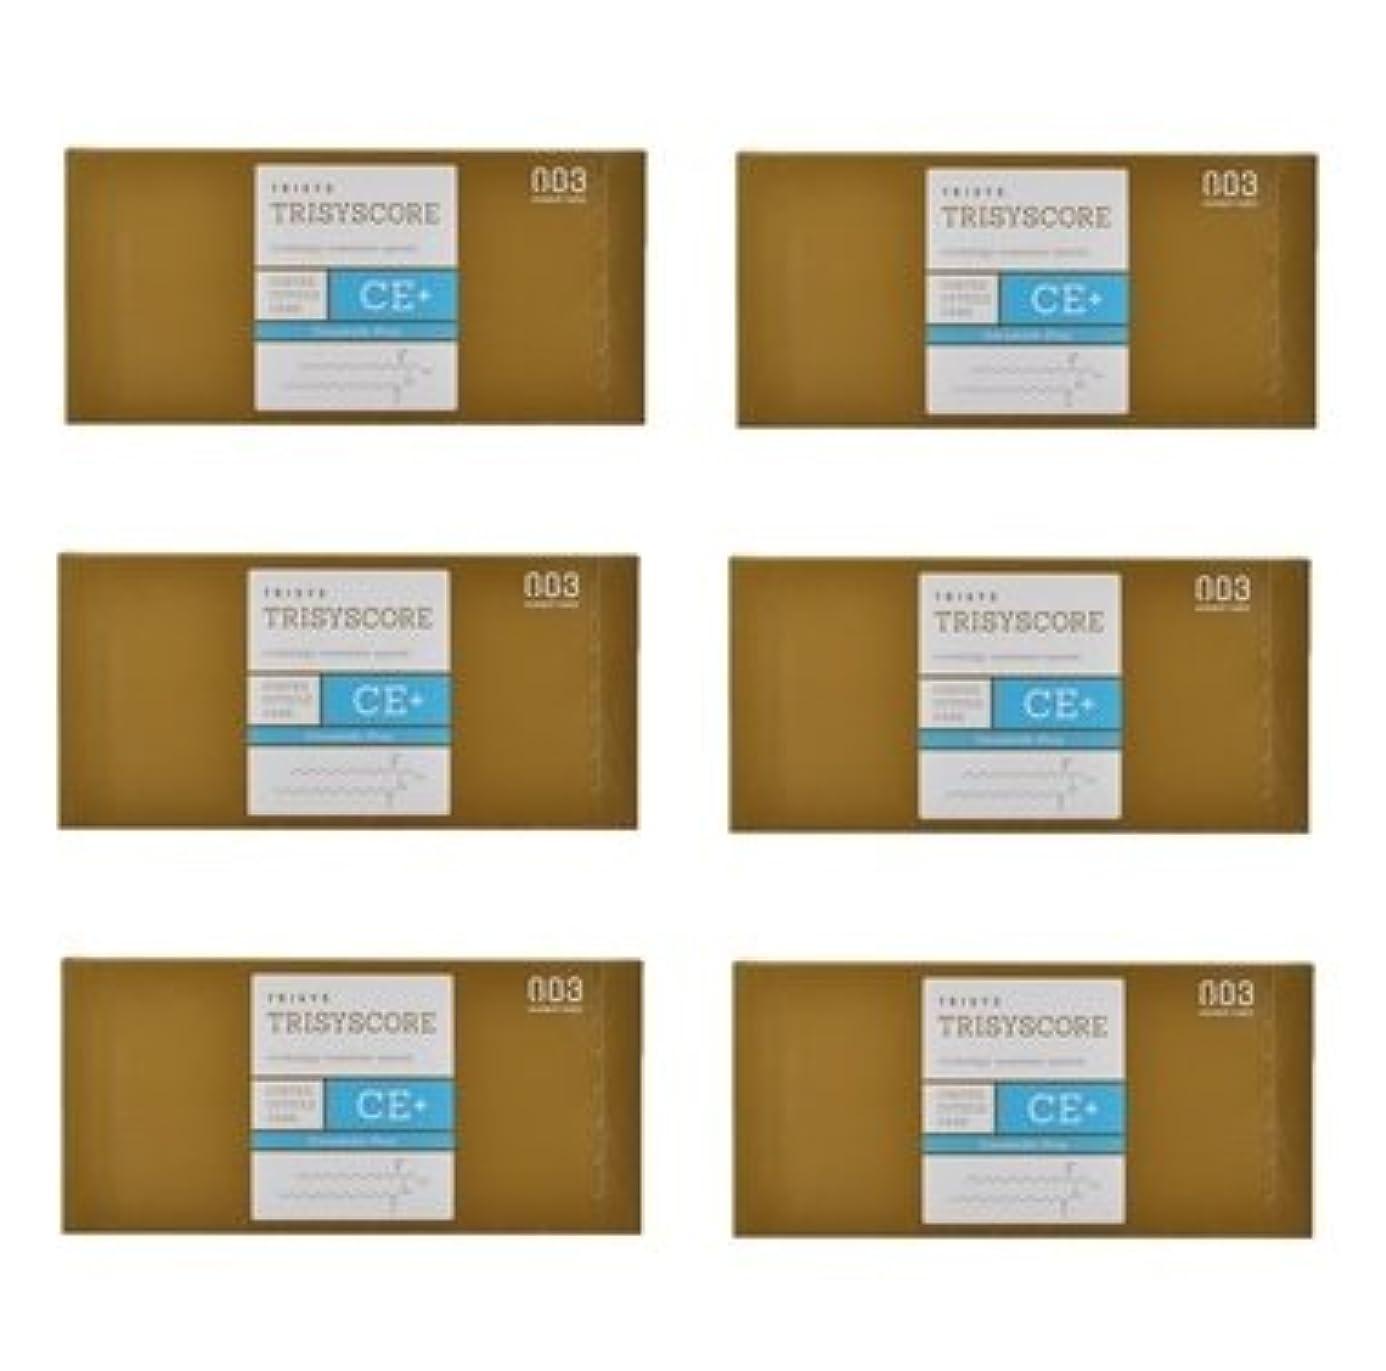 周りシンジケート【X6個セット】ナンバースリー トリシスコア CEプラス (ヘアトリートメント) 12g × 4包入り